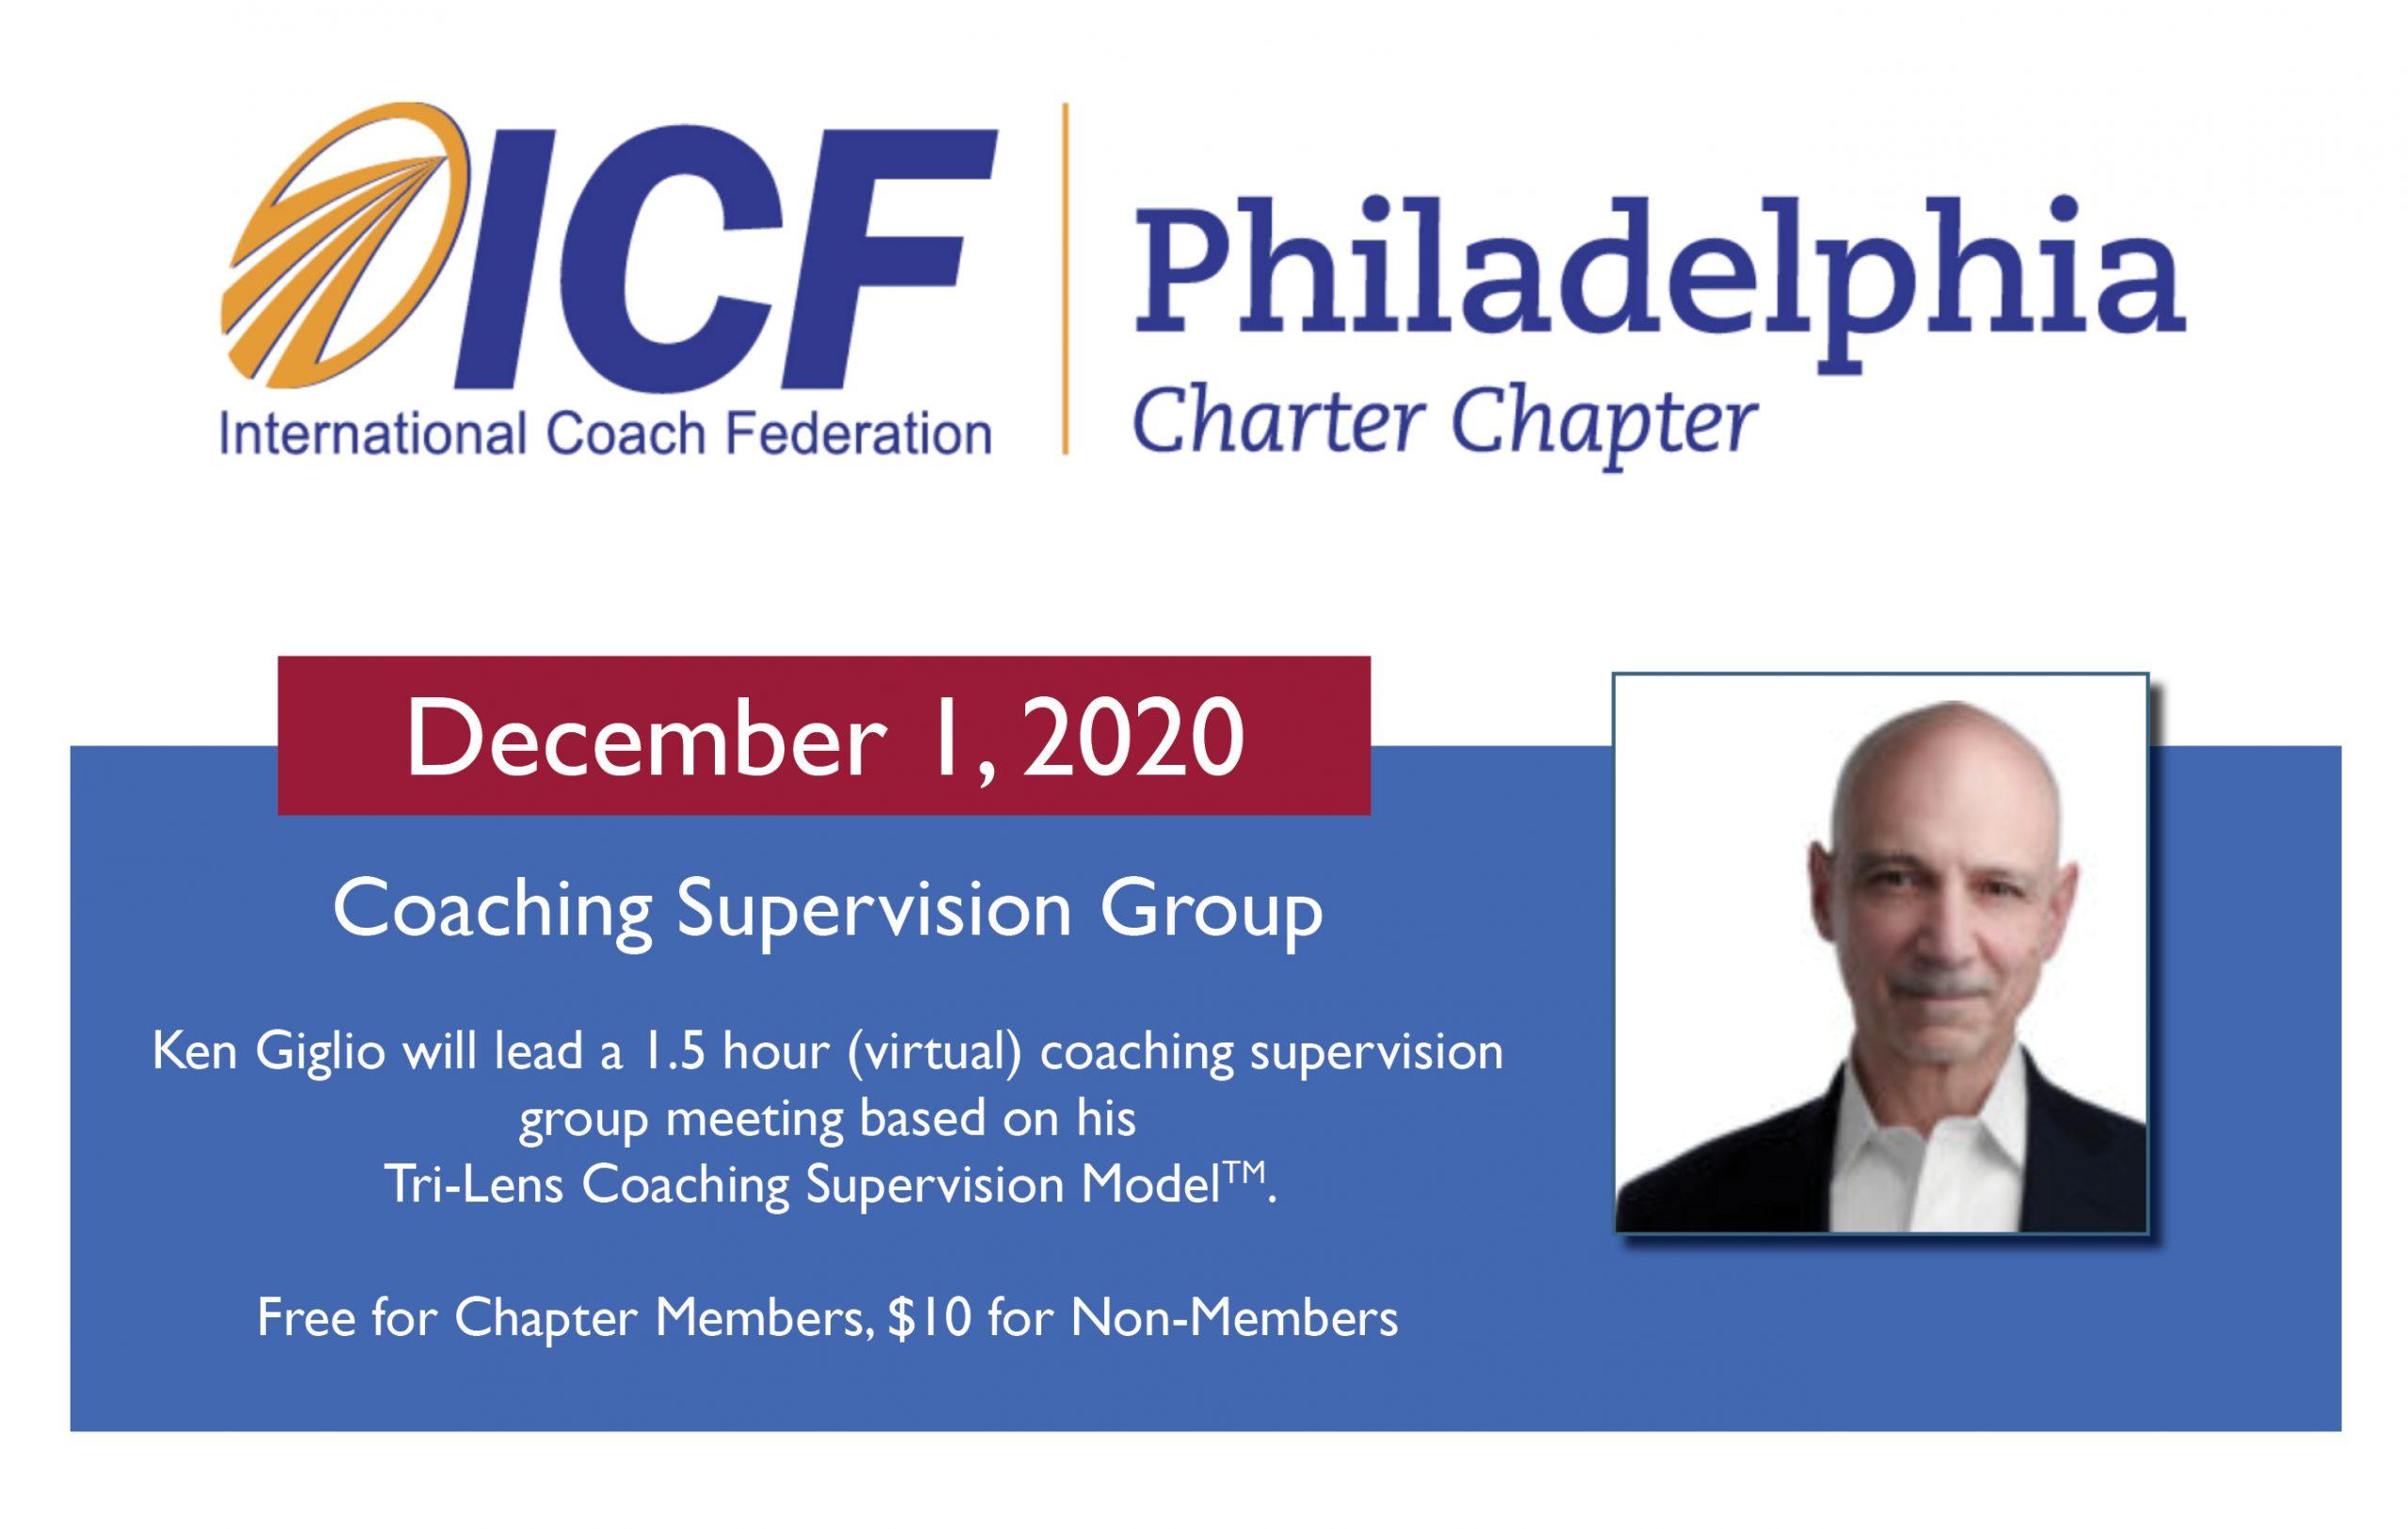 ICF Phila Dec 1 image